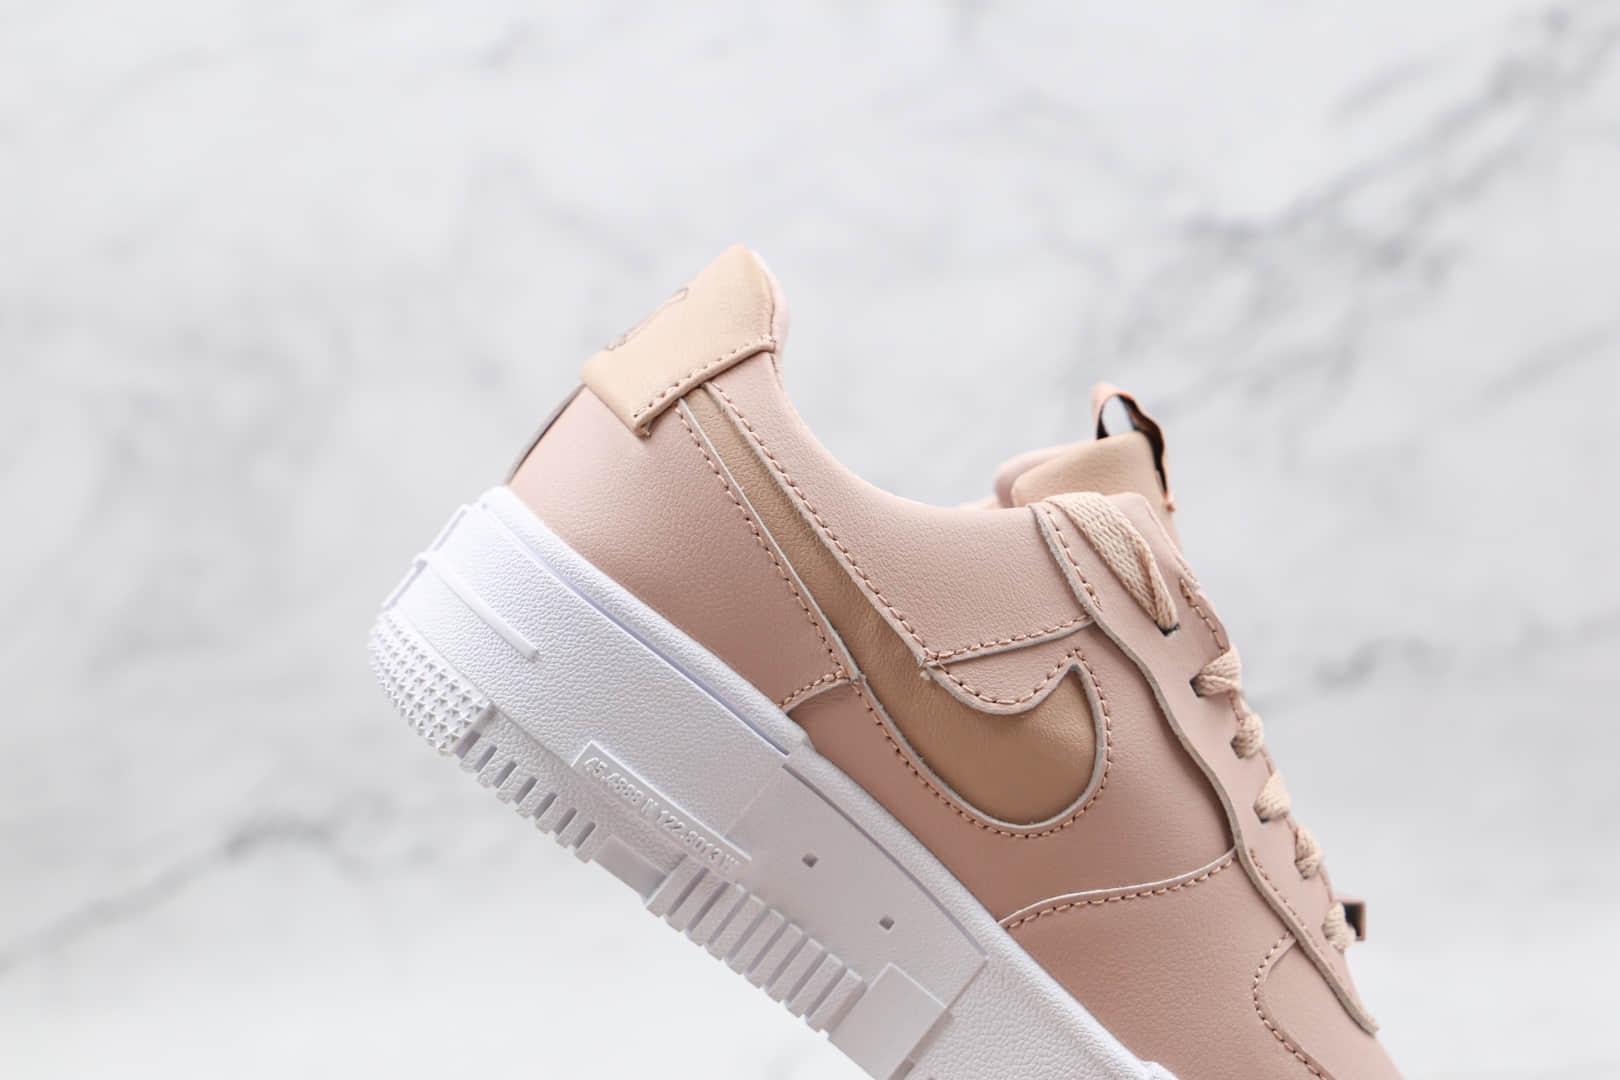 耐克Nike AIR FMRCE 1纯原版本低帮空军一号藕粉色解构板鞋内气气垫 货号:CK6649-002